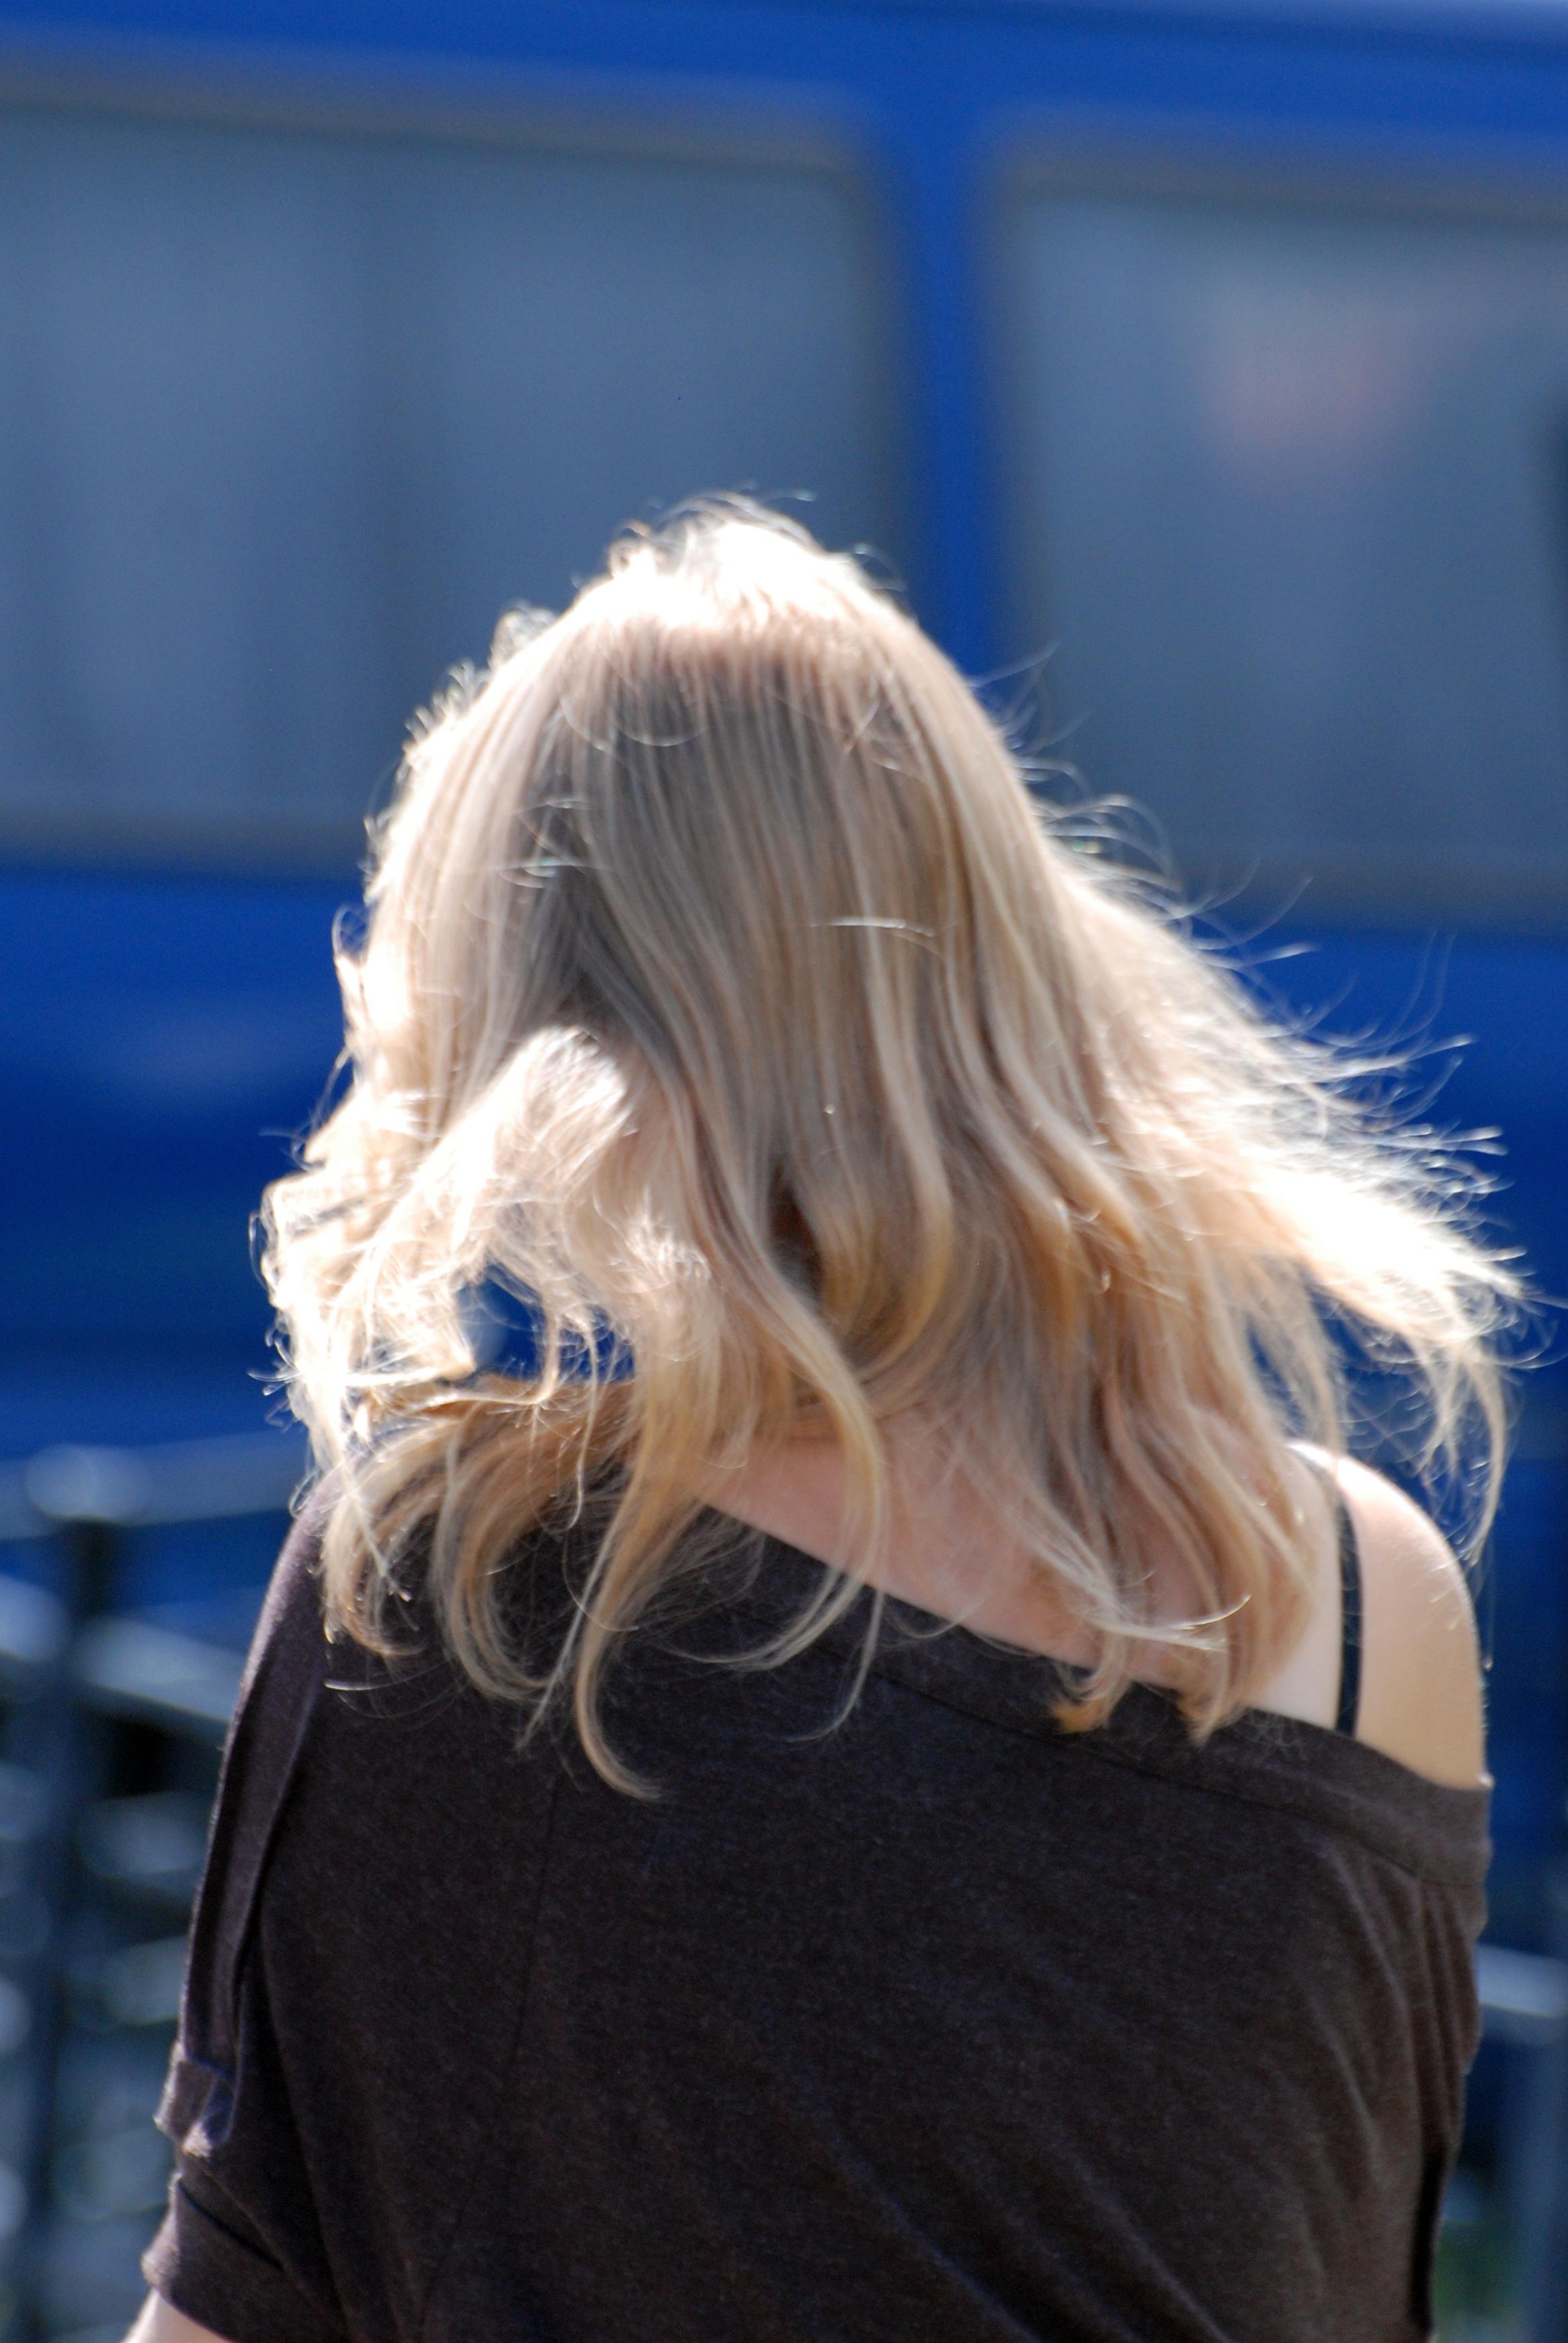 Kostenlose Bild Frisur Mädchen Menschen Porträt Frau